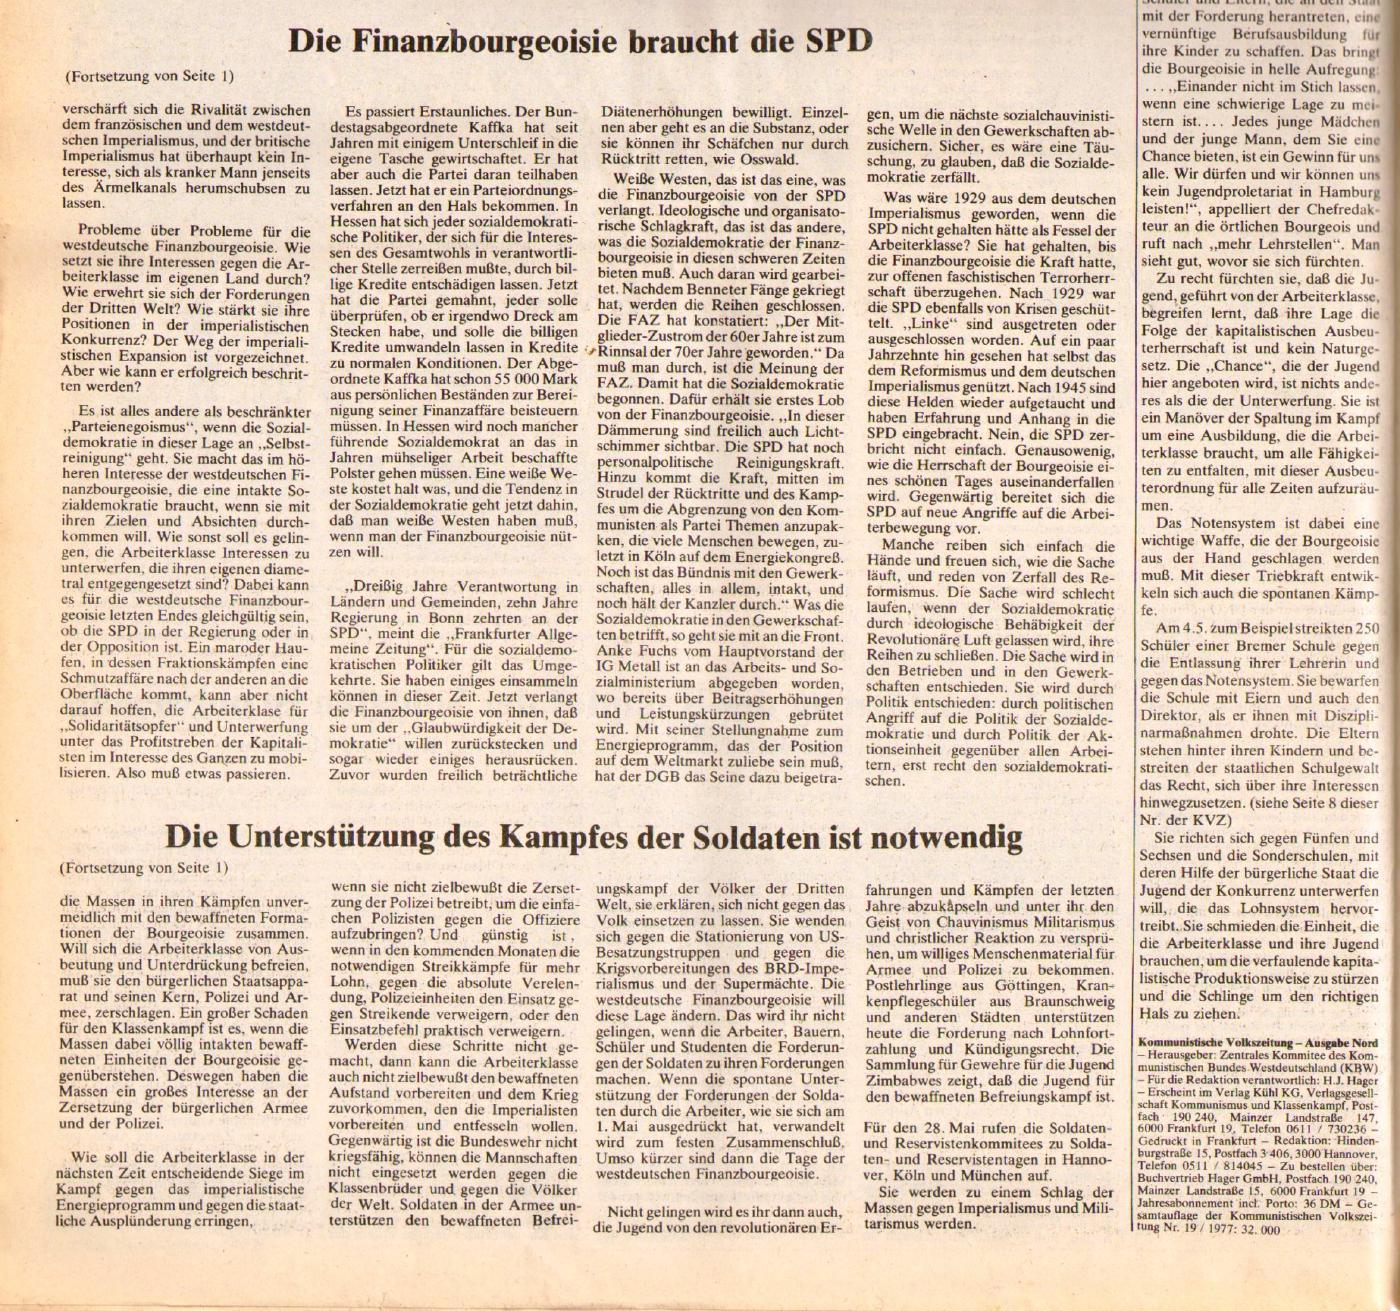 KVZ_Nord_1977_19_04